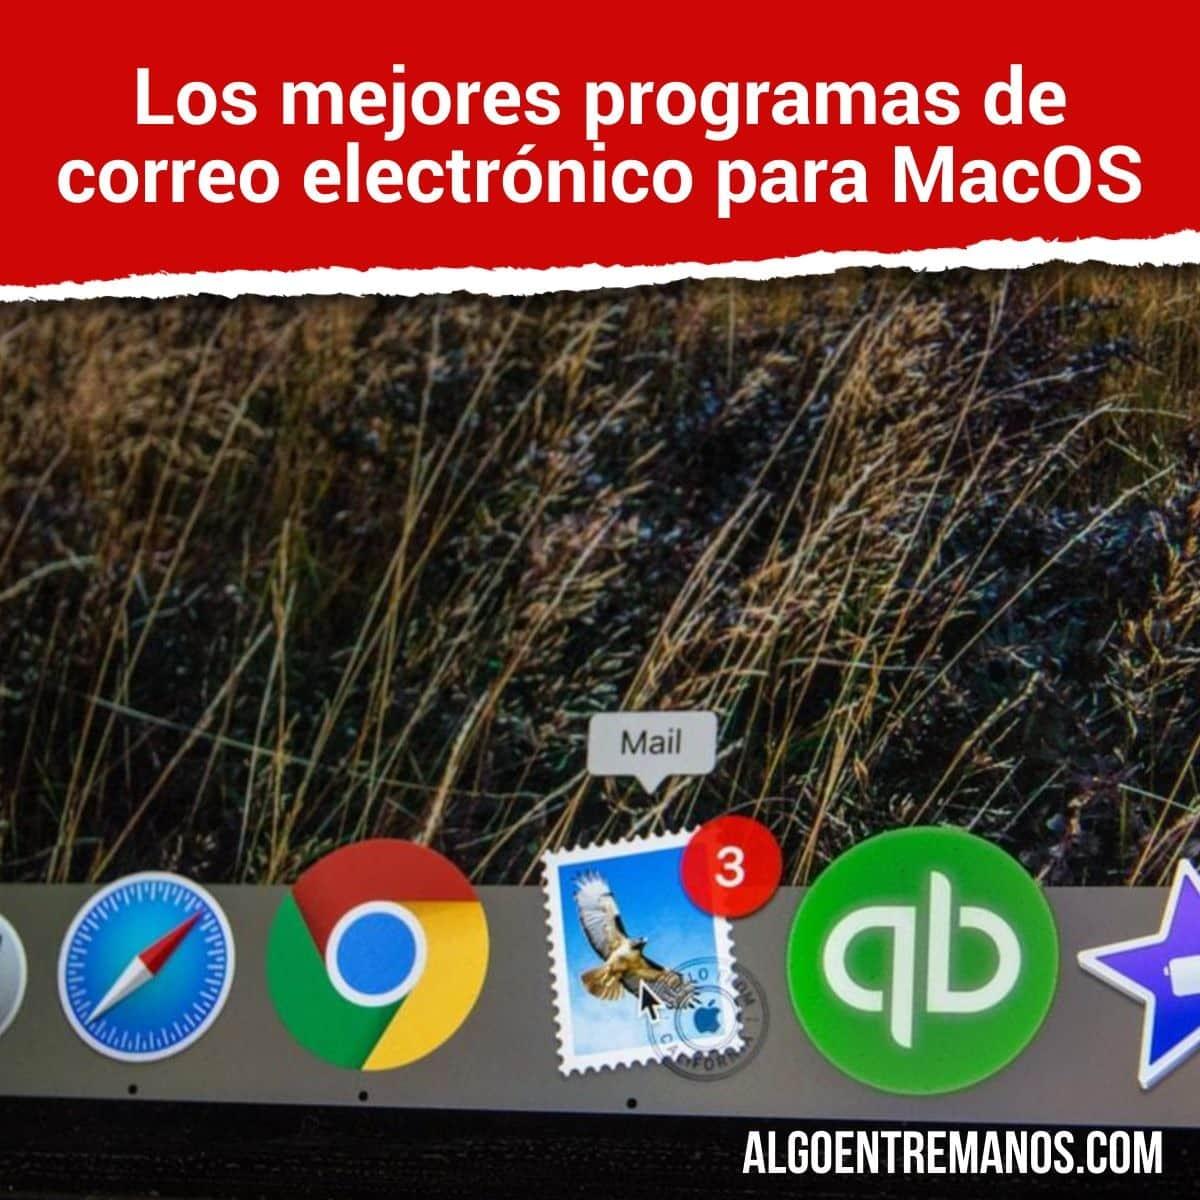 Los mejores programas de correo electrónico para MacOS: Clientes de E-mail en tu Mac